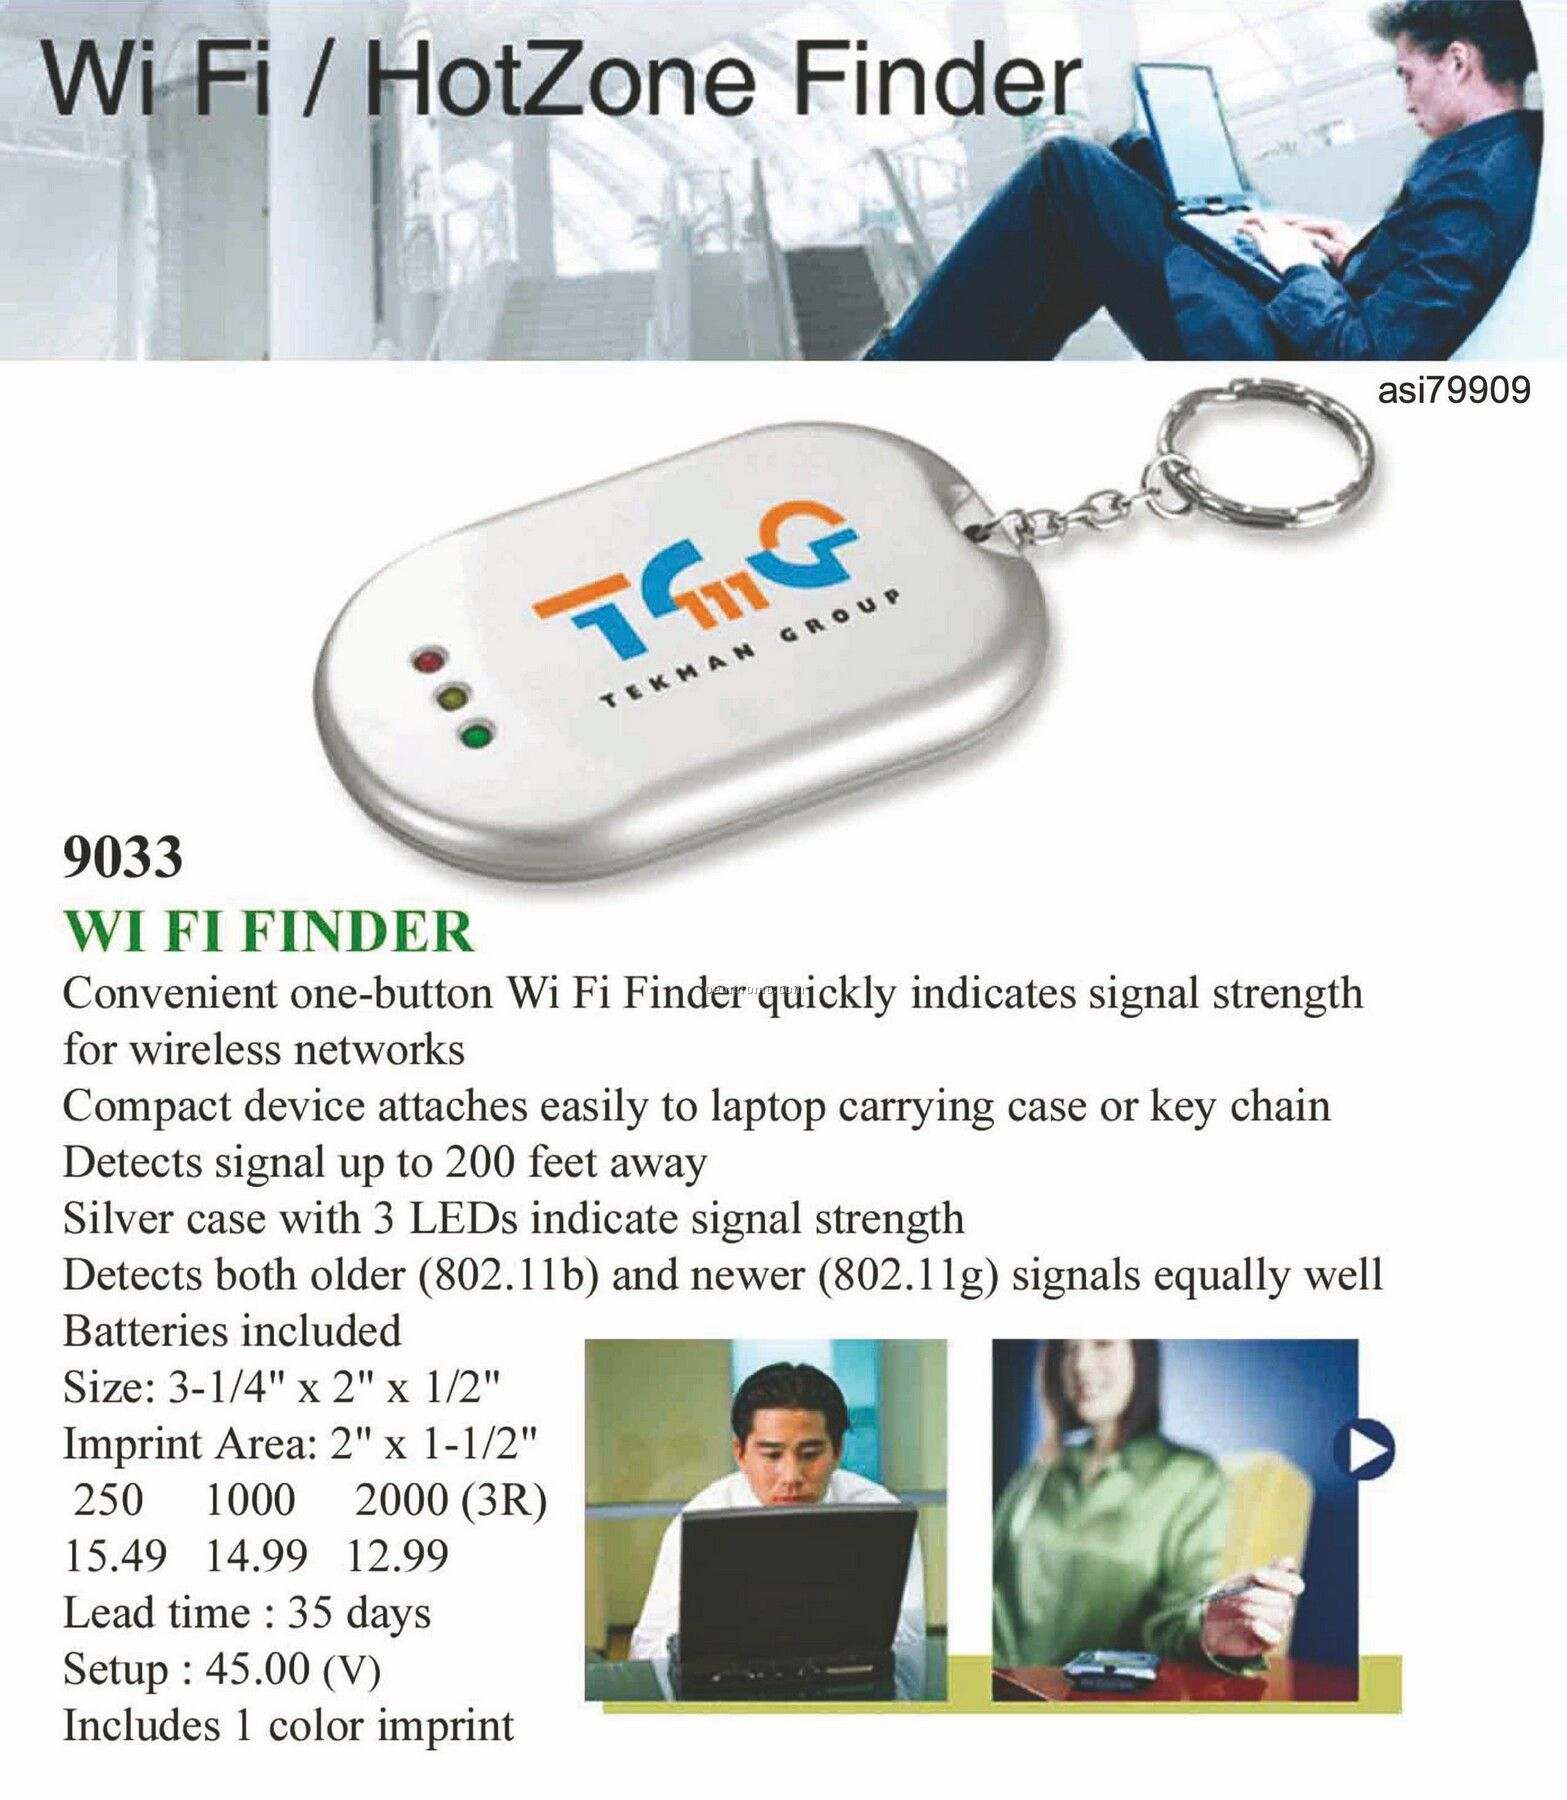 Wi Fi Finder